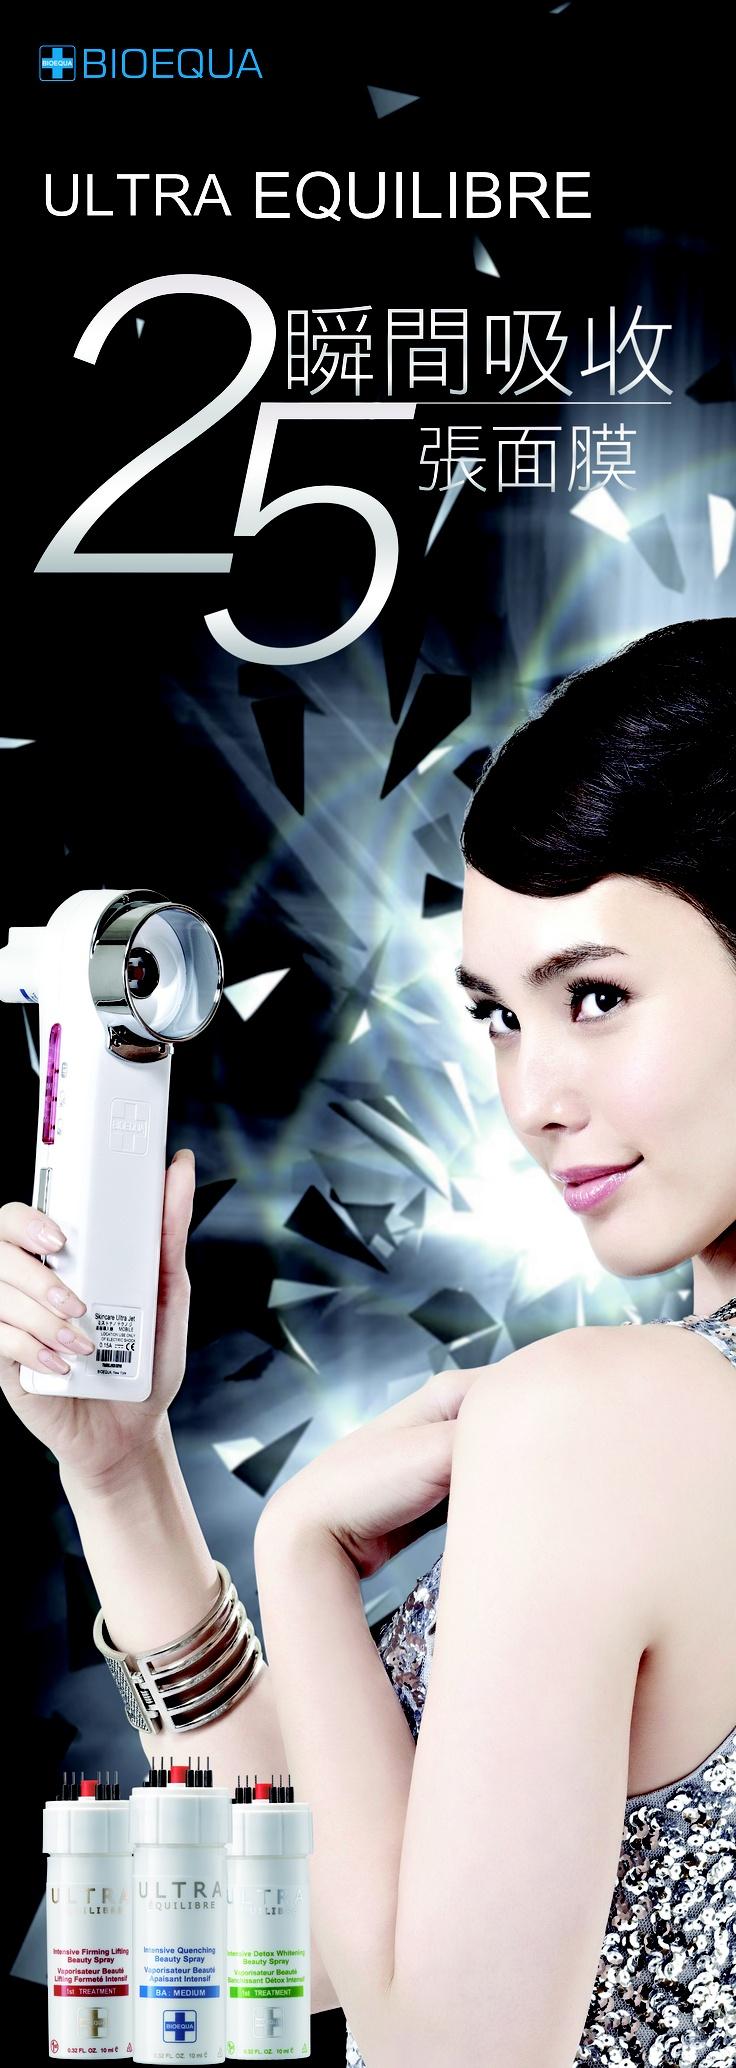 產品廣告燈片_50X17.9cm,保養品廣告設計